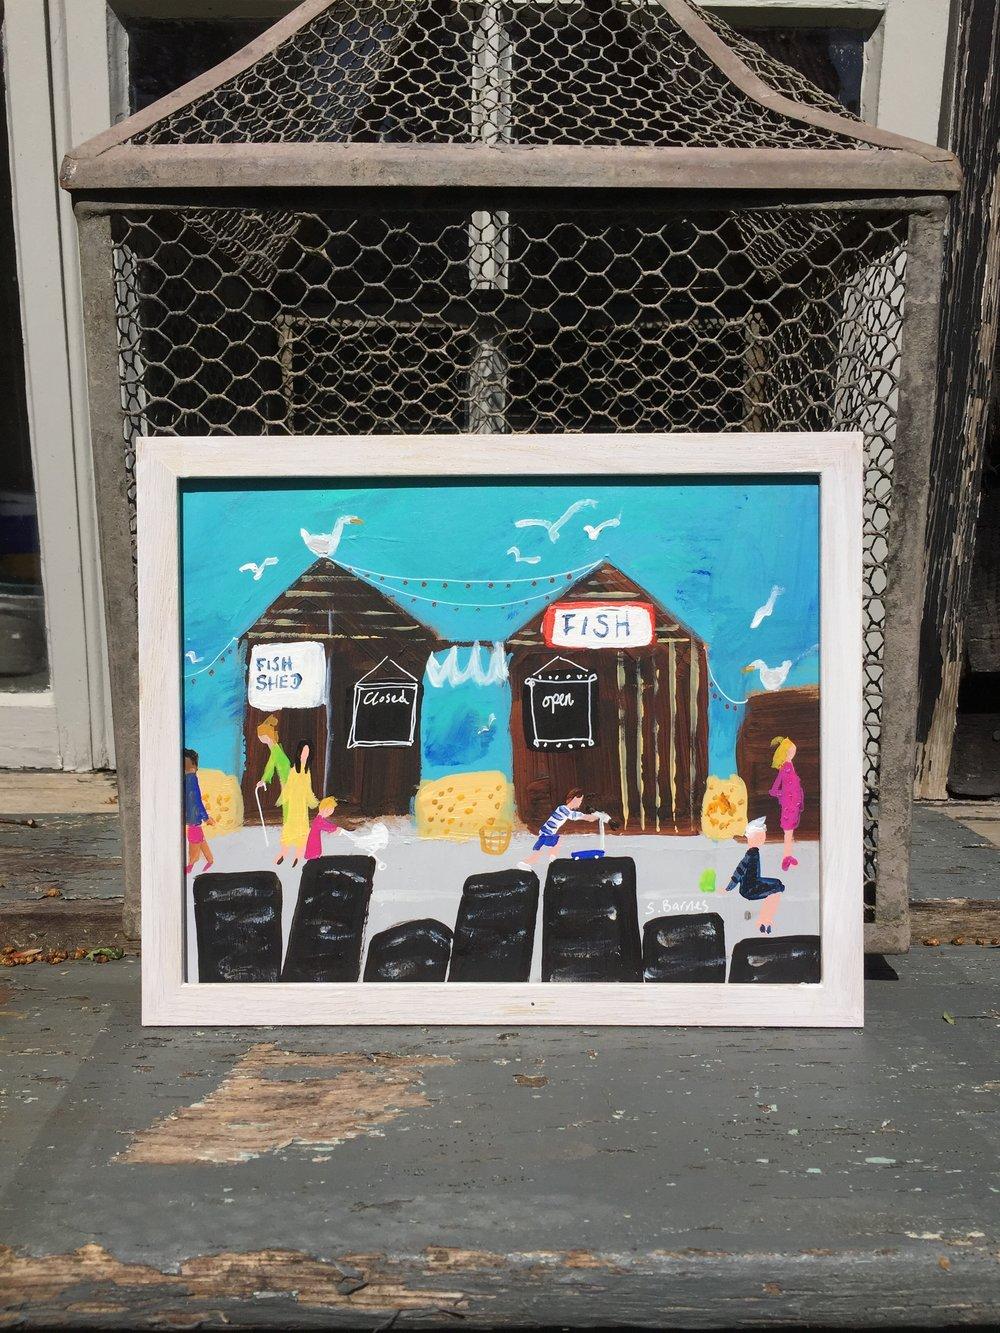 'Fish Huts' Original Painting by Samantha Barnes Artist